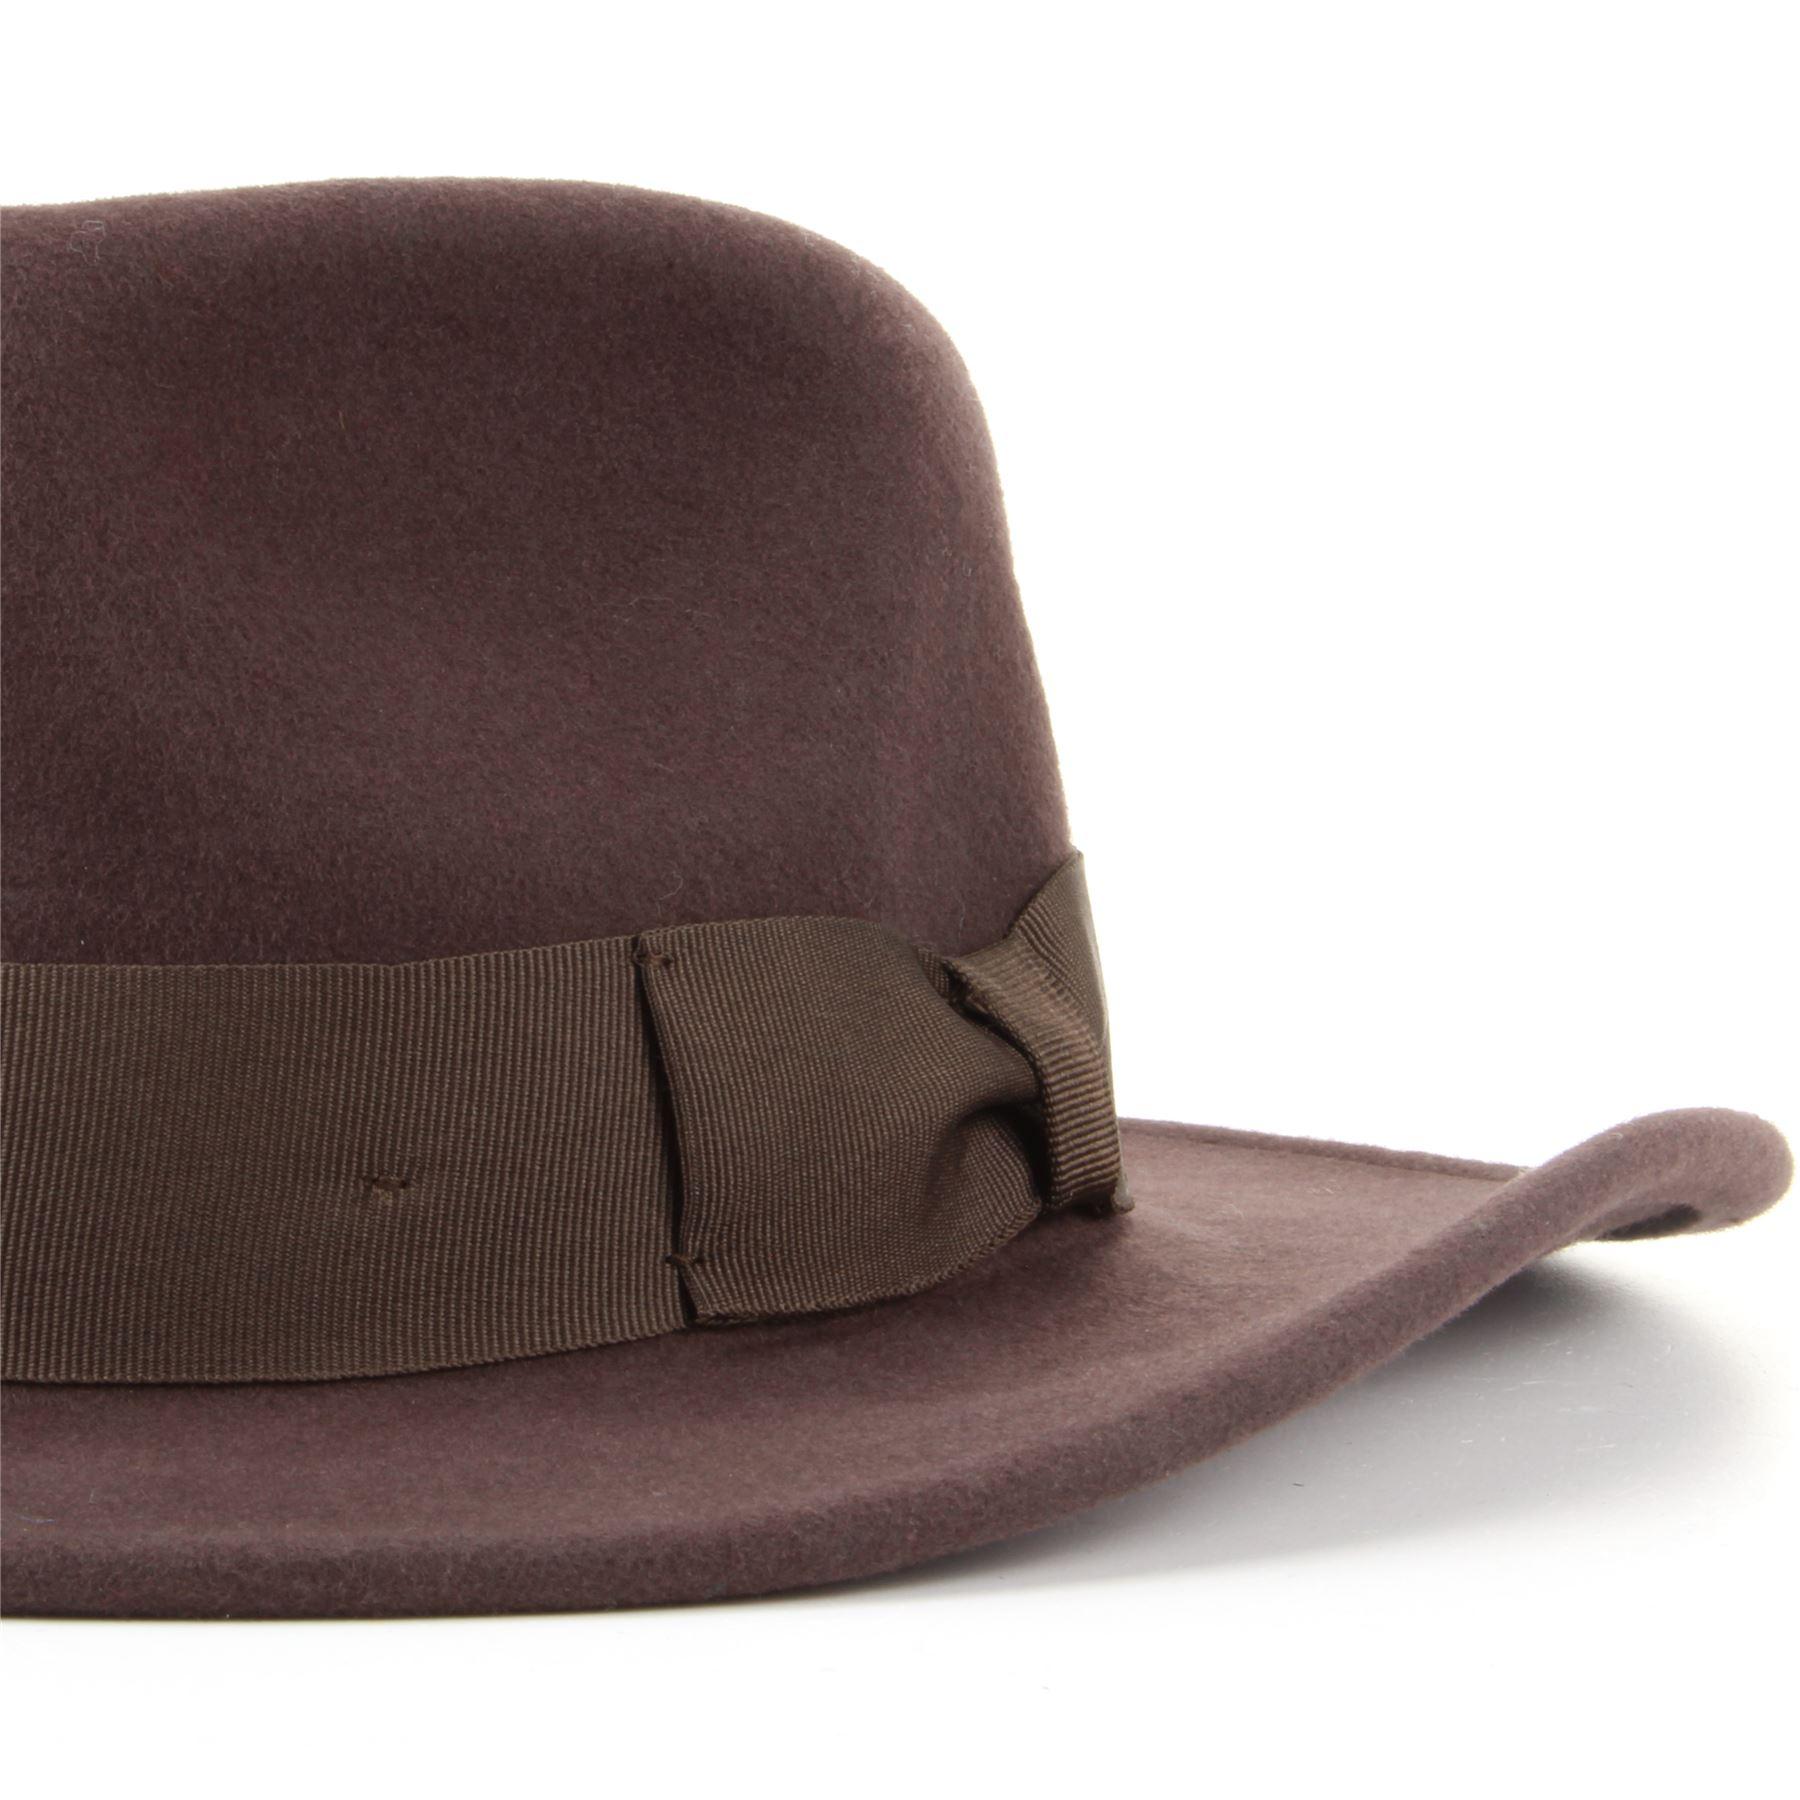 Wool Fedora Hat Hawkins Felt Cap Wide Brim Unisex Trilby Soft BLACK ... a96b7f23c654